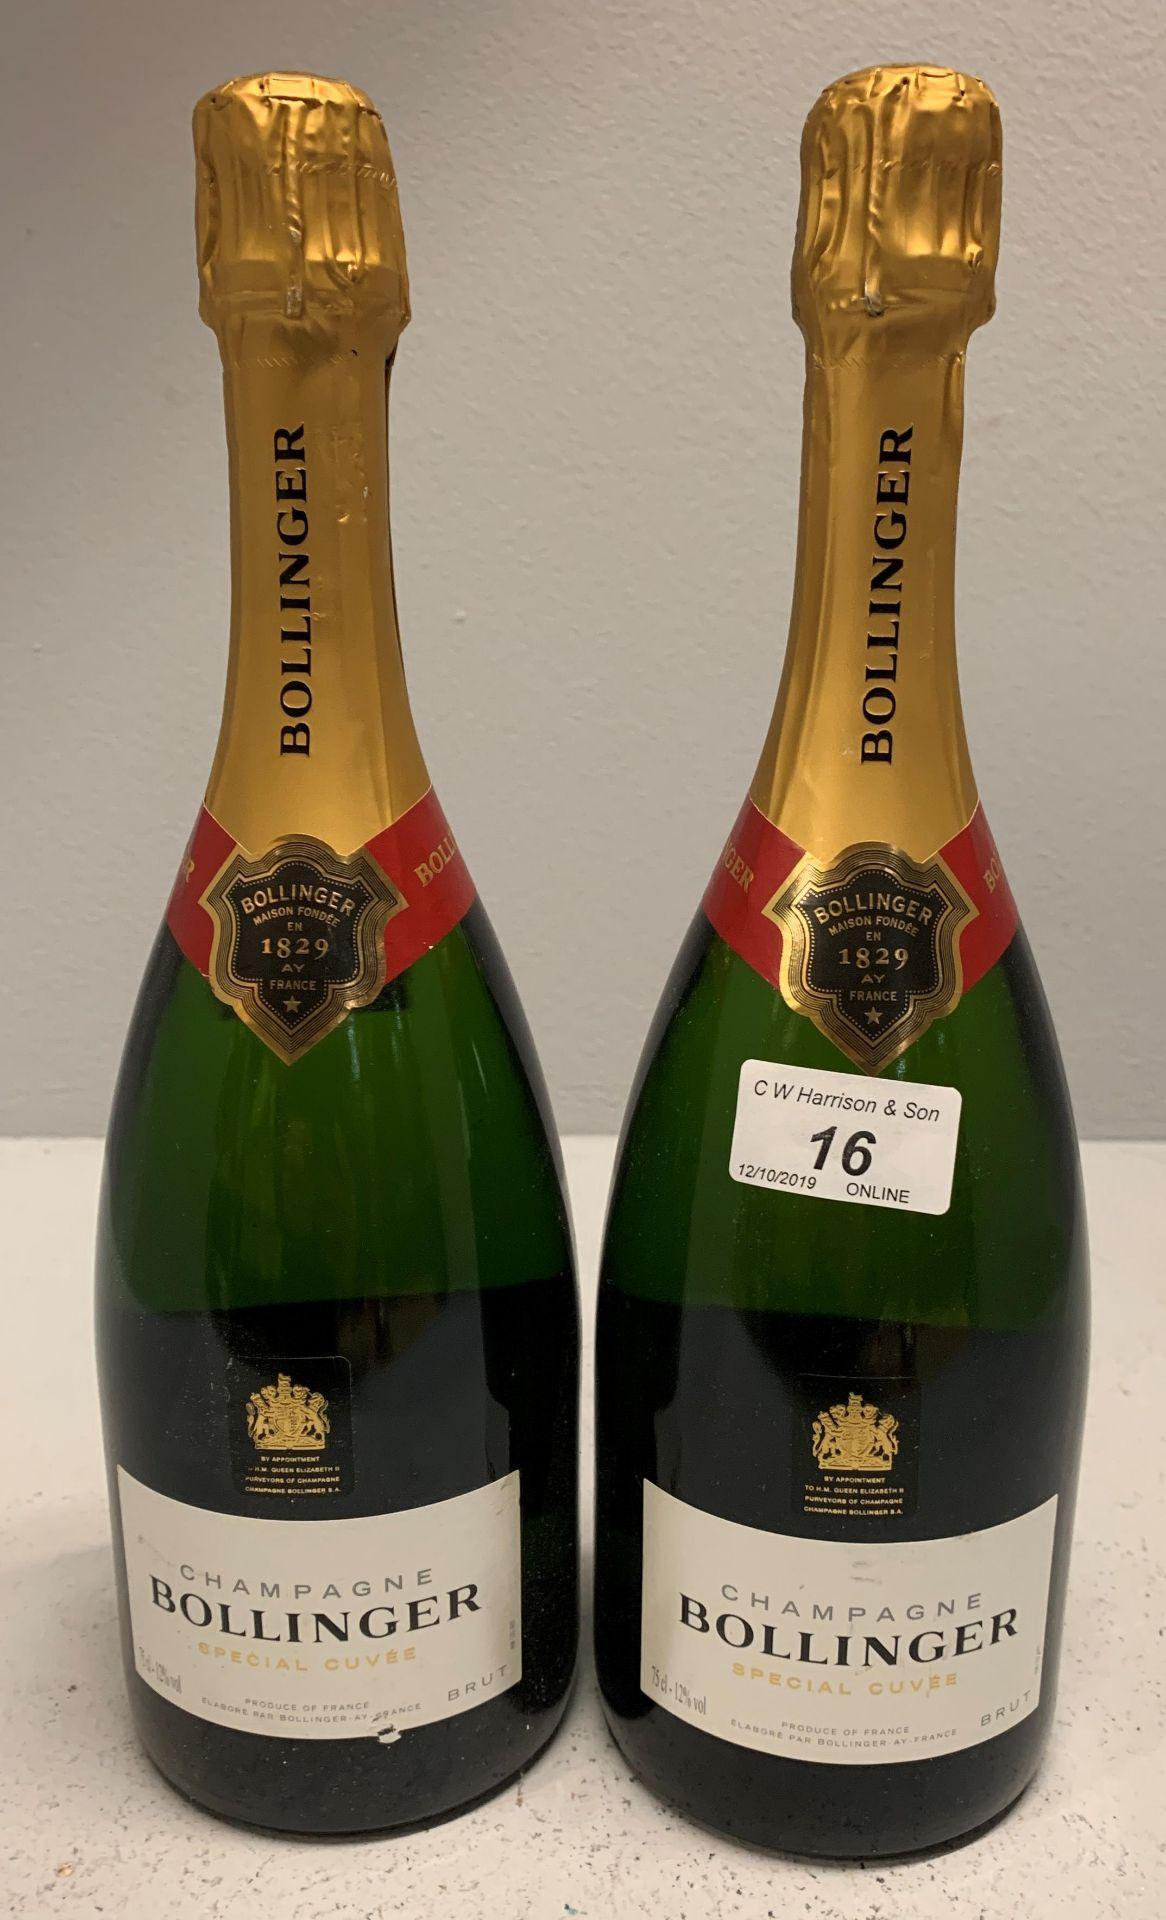 Lot 16 - 2 x 75cl bottles Bollinger Brut Special